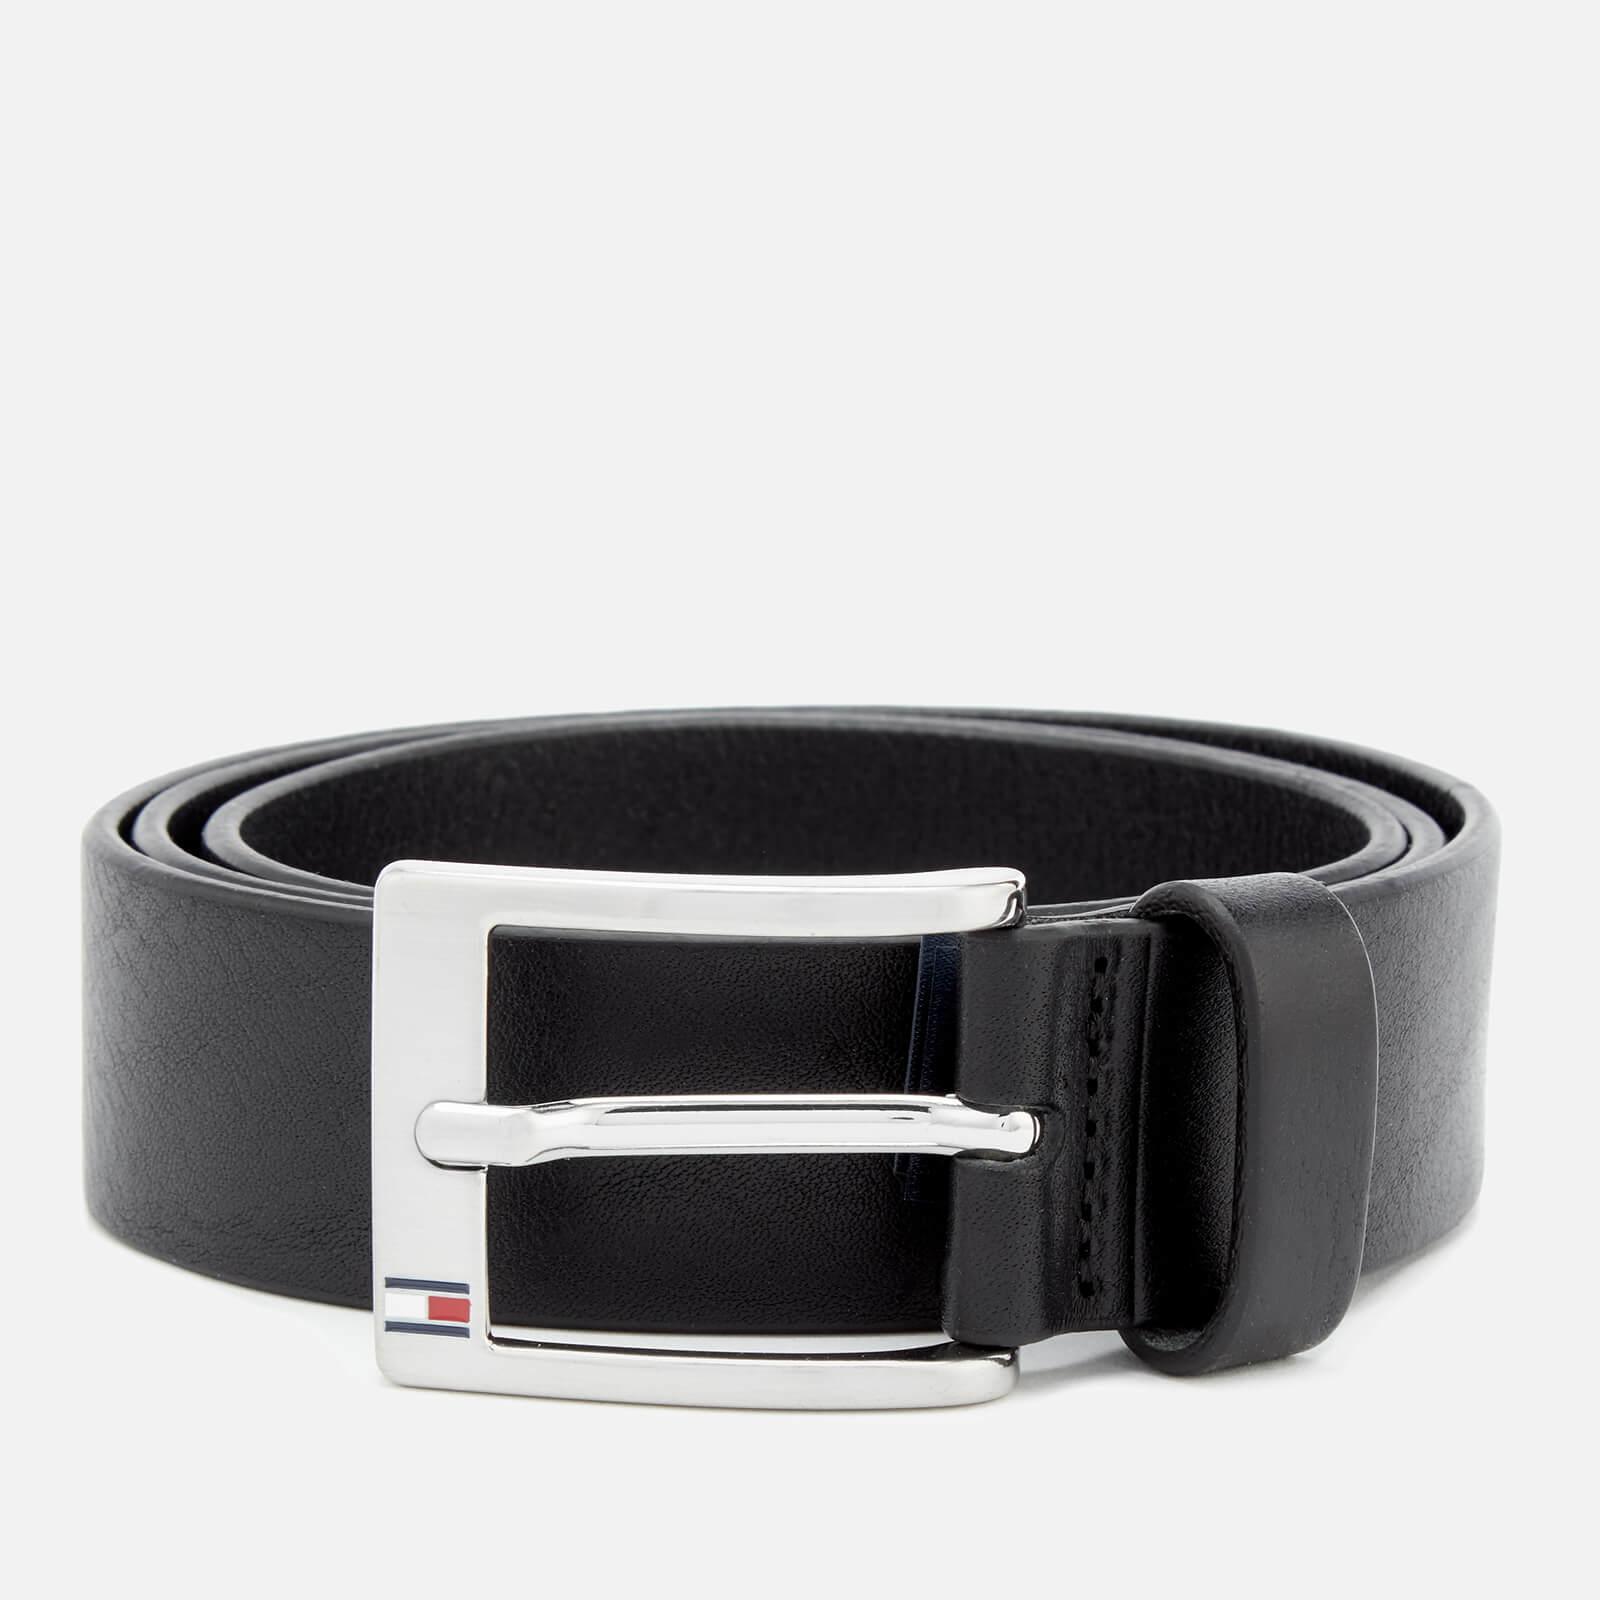 erstklassig neue Season jetzt kaufen Tommy Hilfiger Men's New Aly Belt - Black